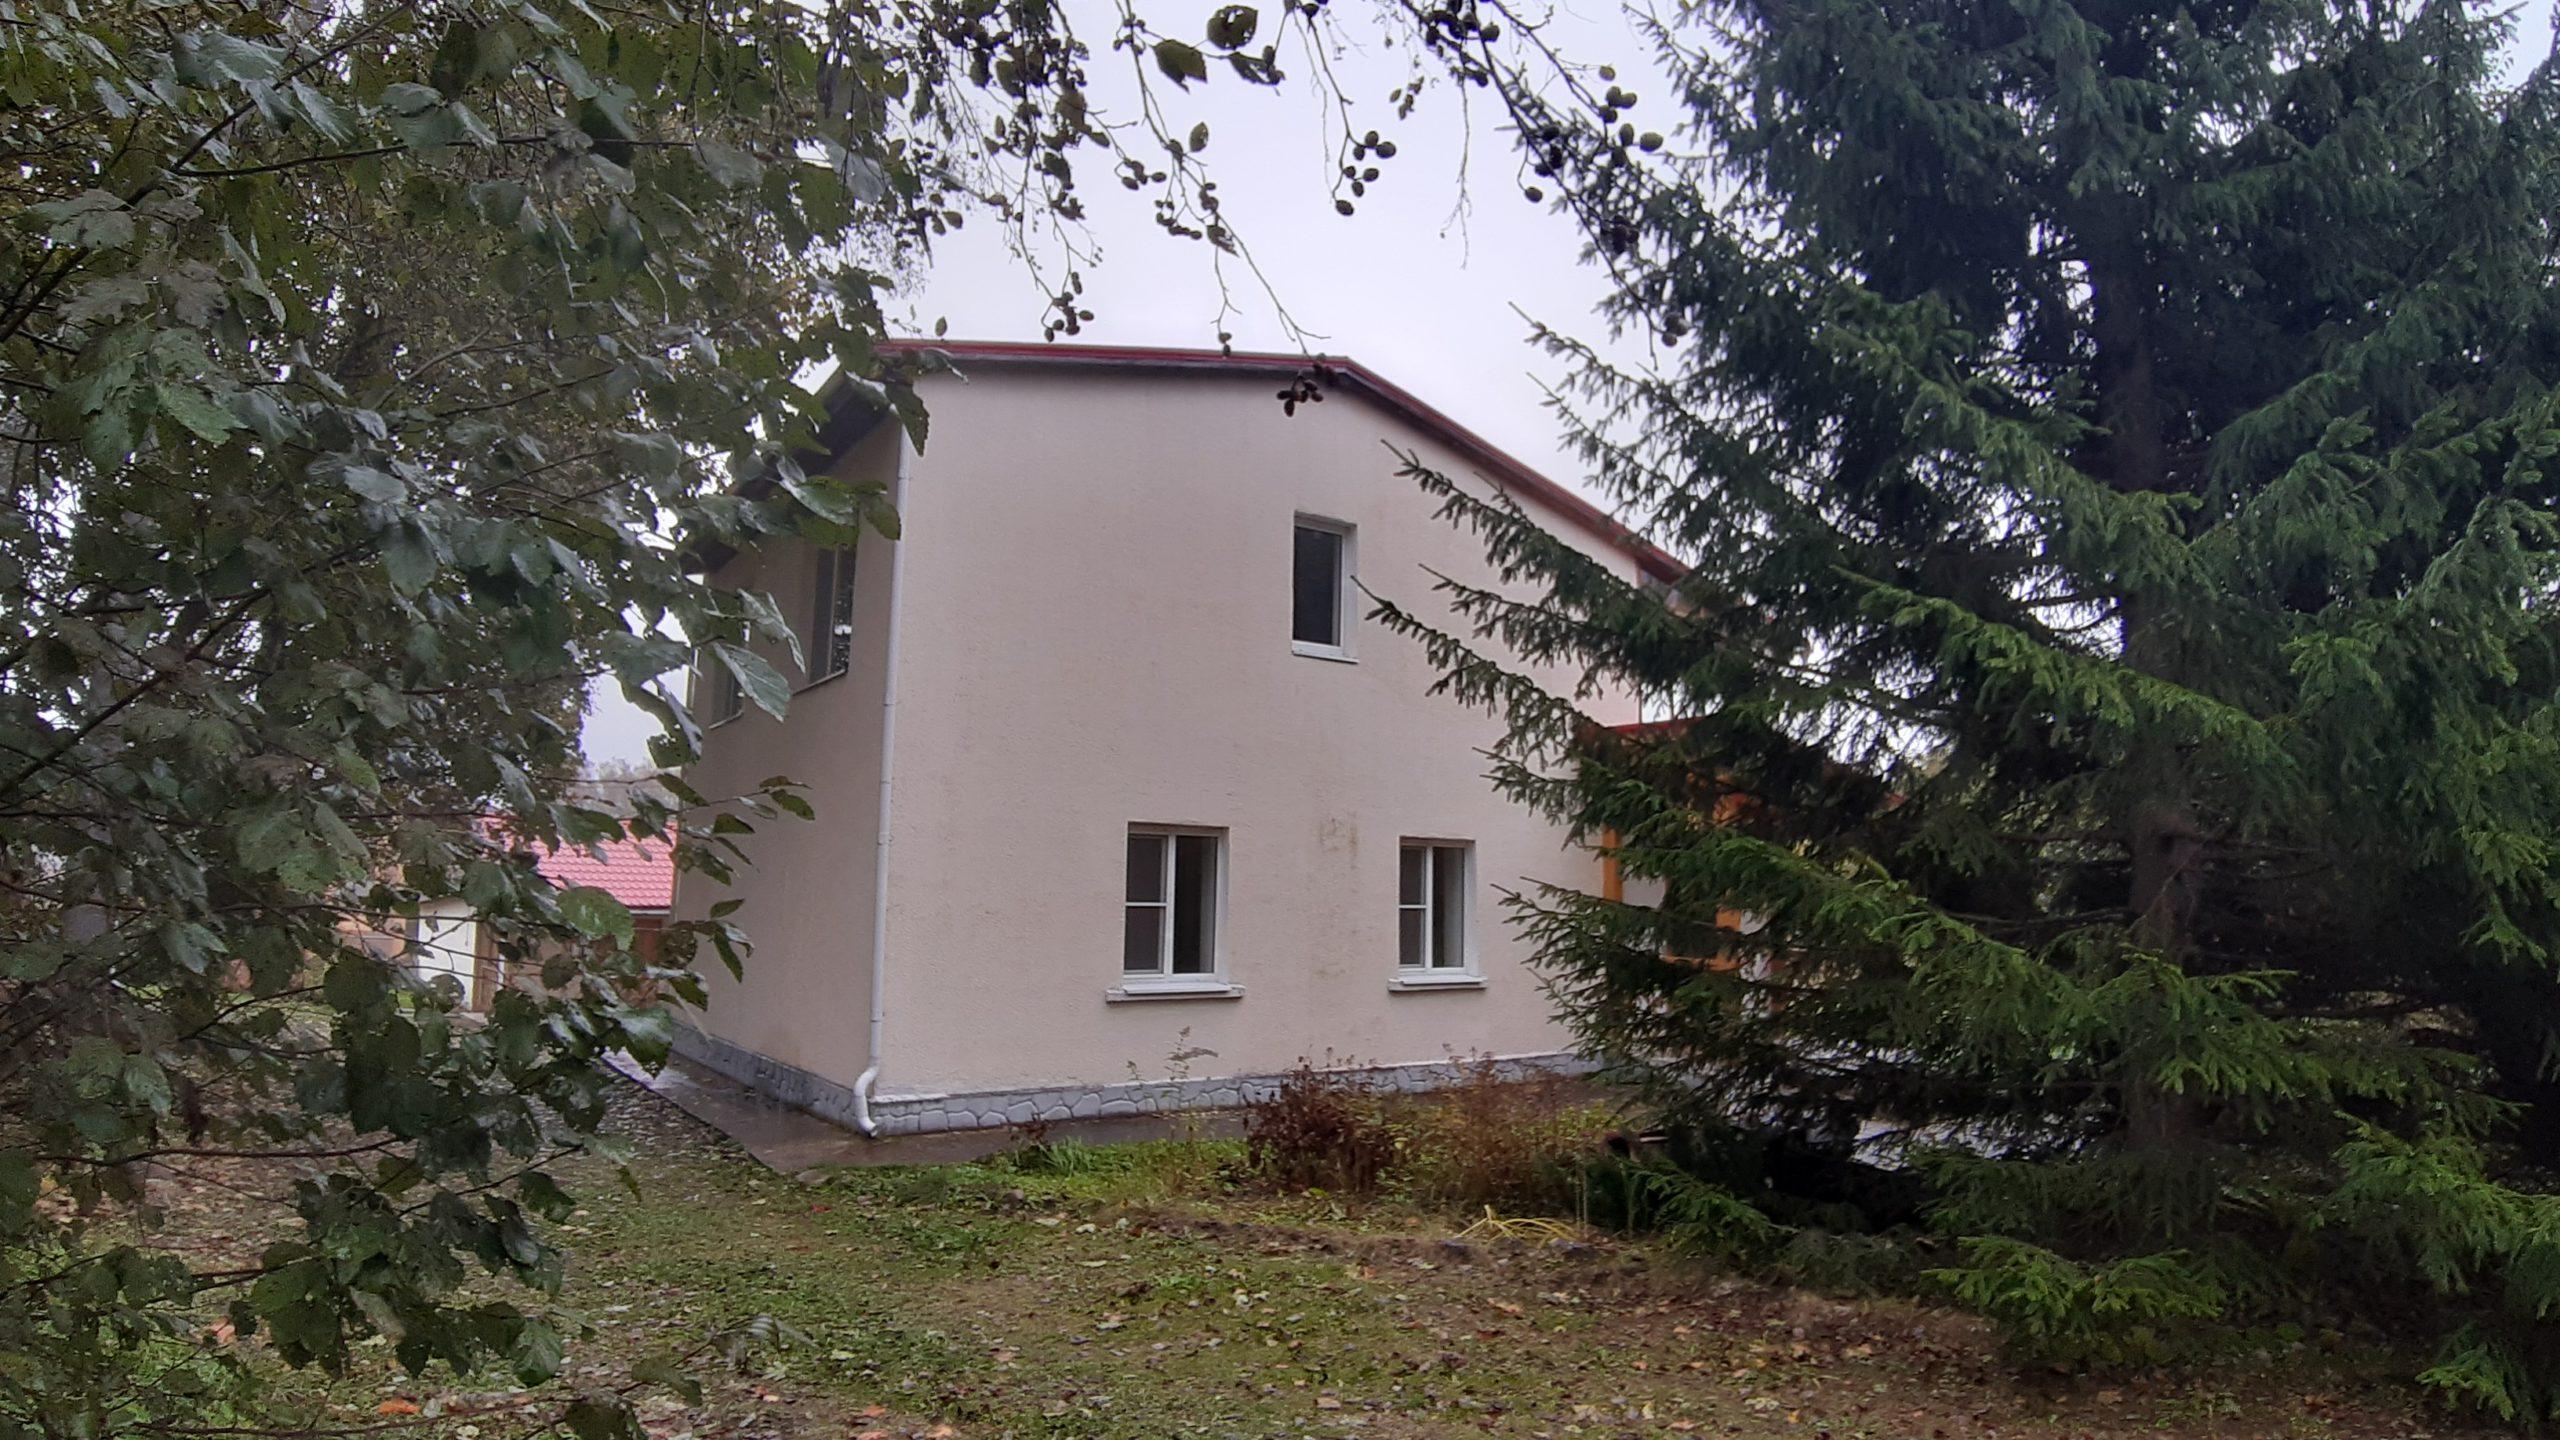 Дом двухэтажный. Площадь 160 м². Построен в 1995 году. Два санузла.